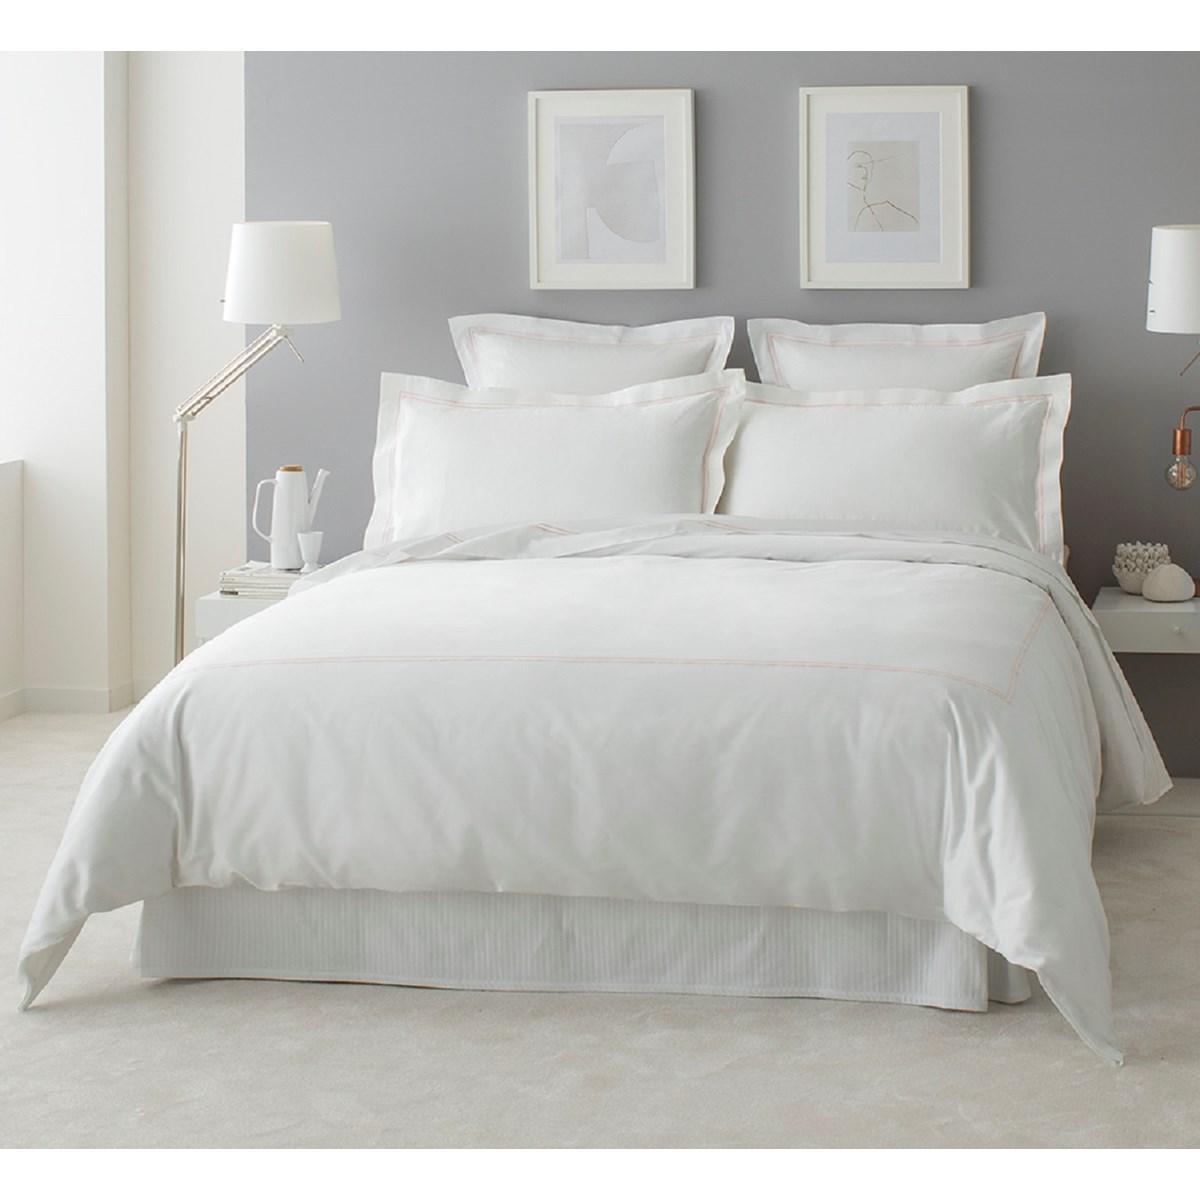 Drap plat luxe en Satin de coton Rose pâle 270x310 cm